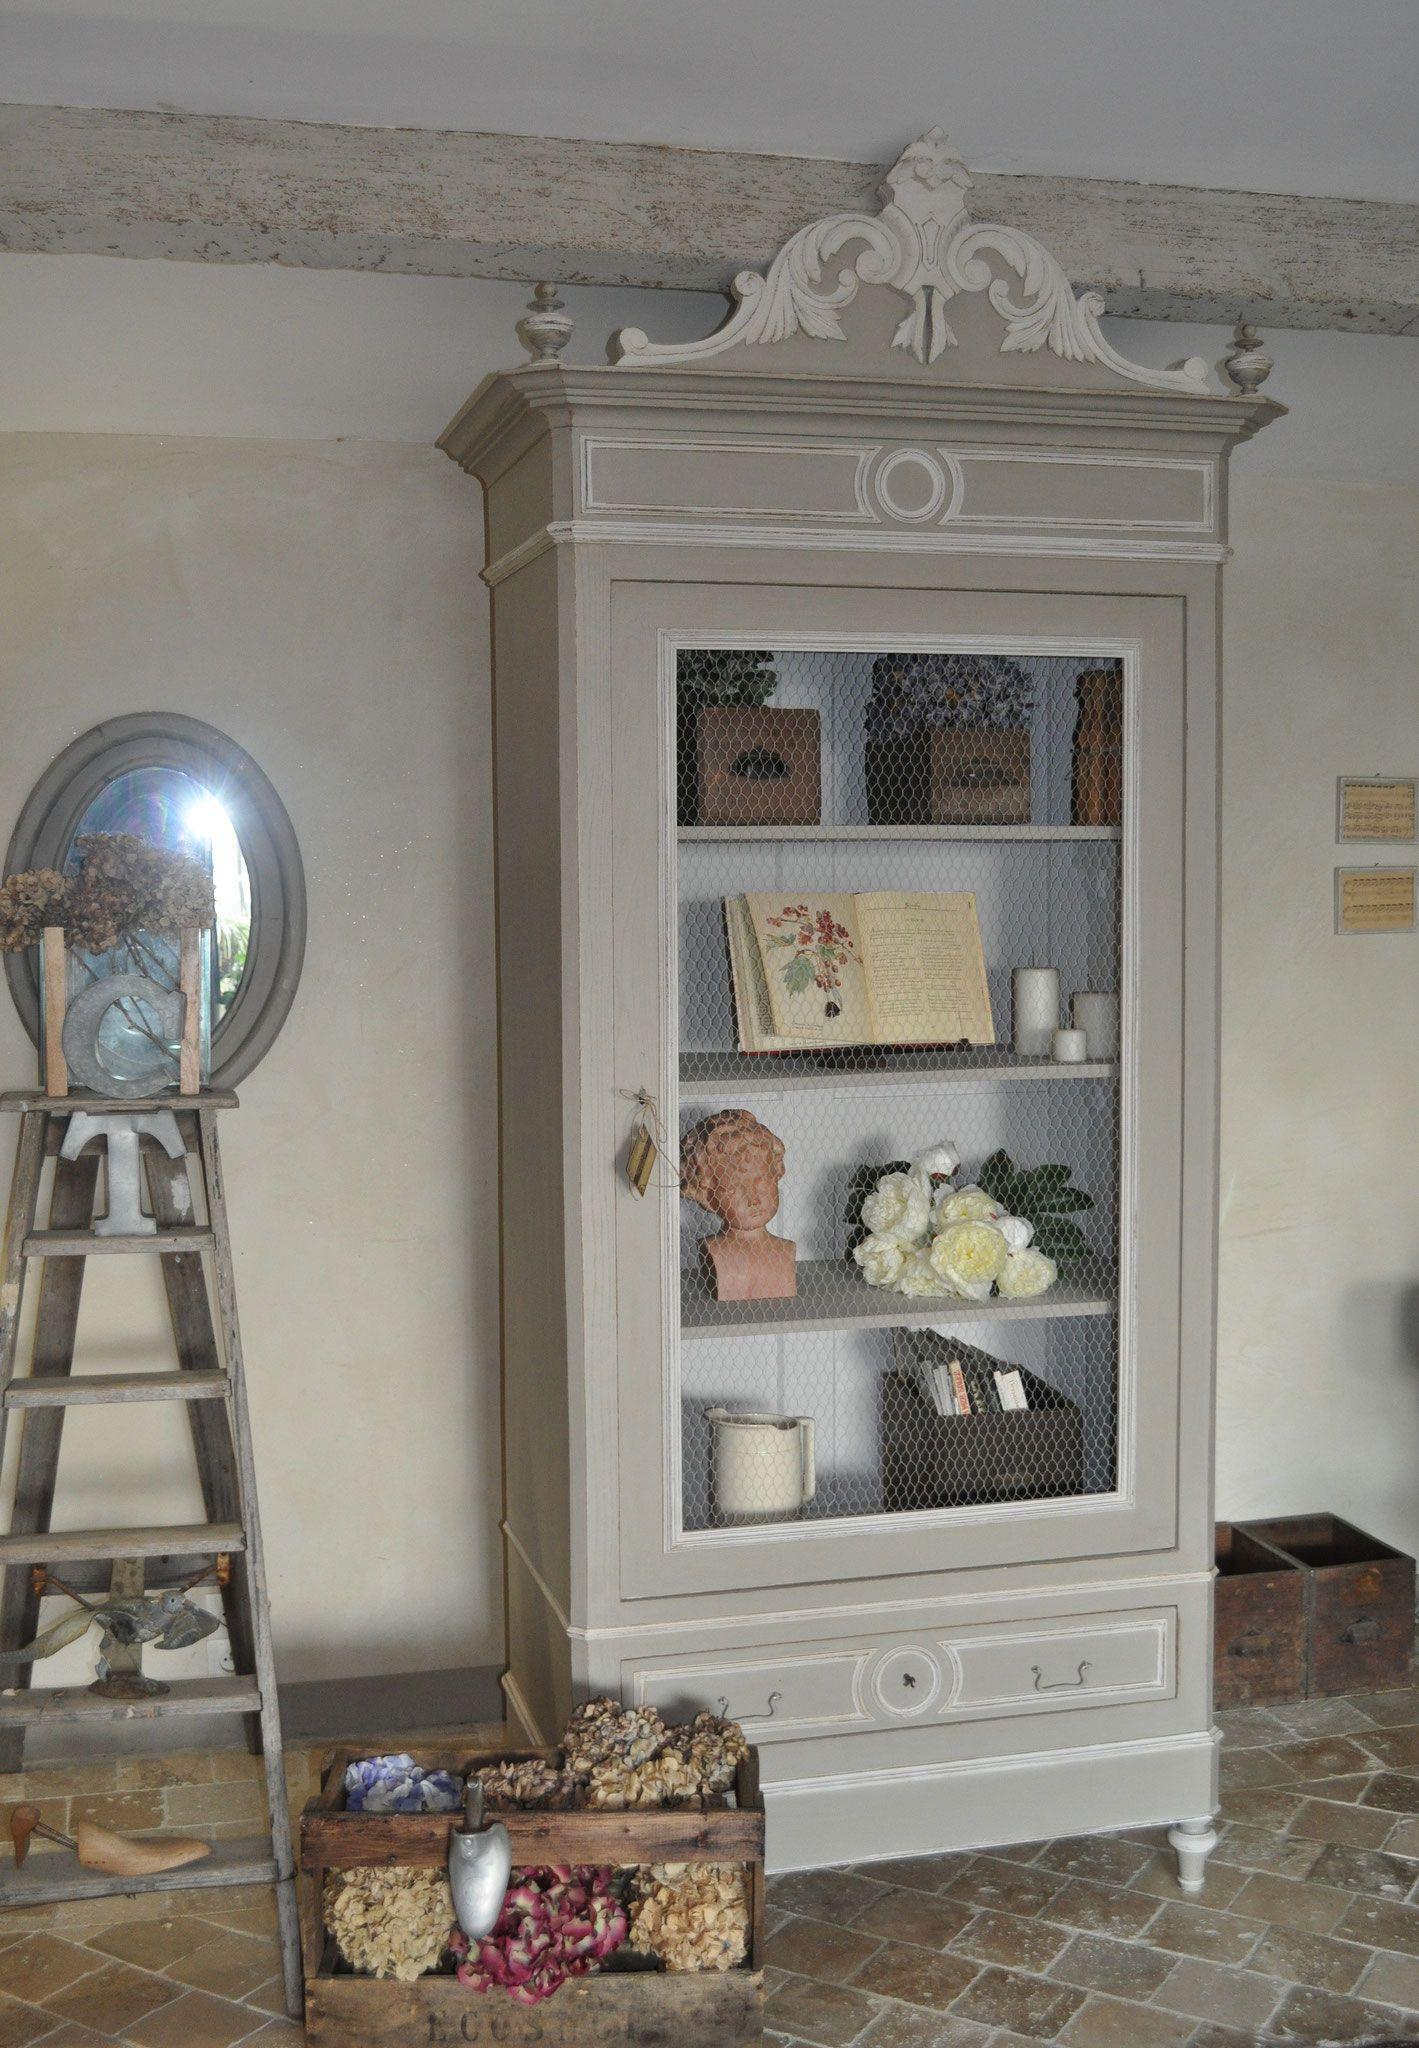 Pingl par sara cueto sur muebles varios paint furniture painted furniture et home decor - Relooking vieux meubles ...